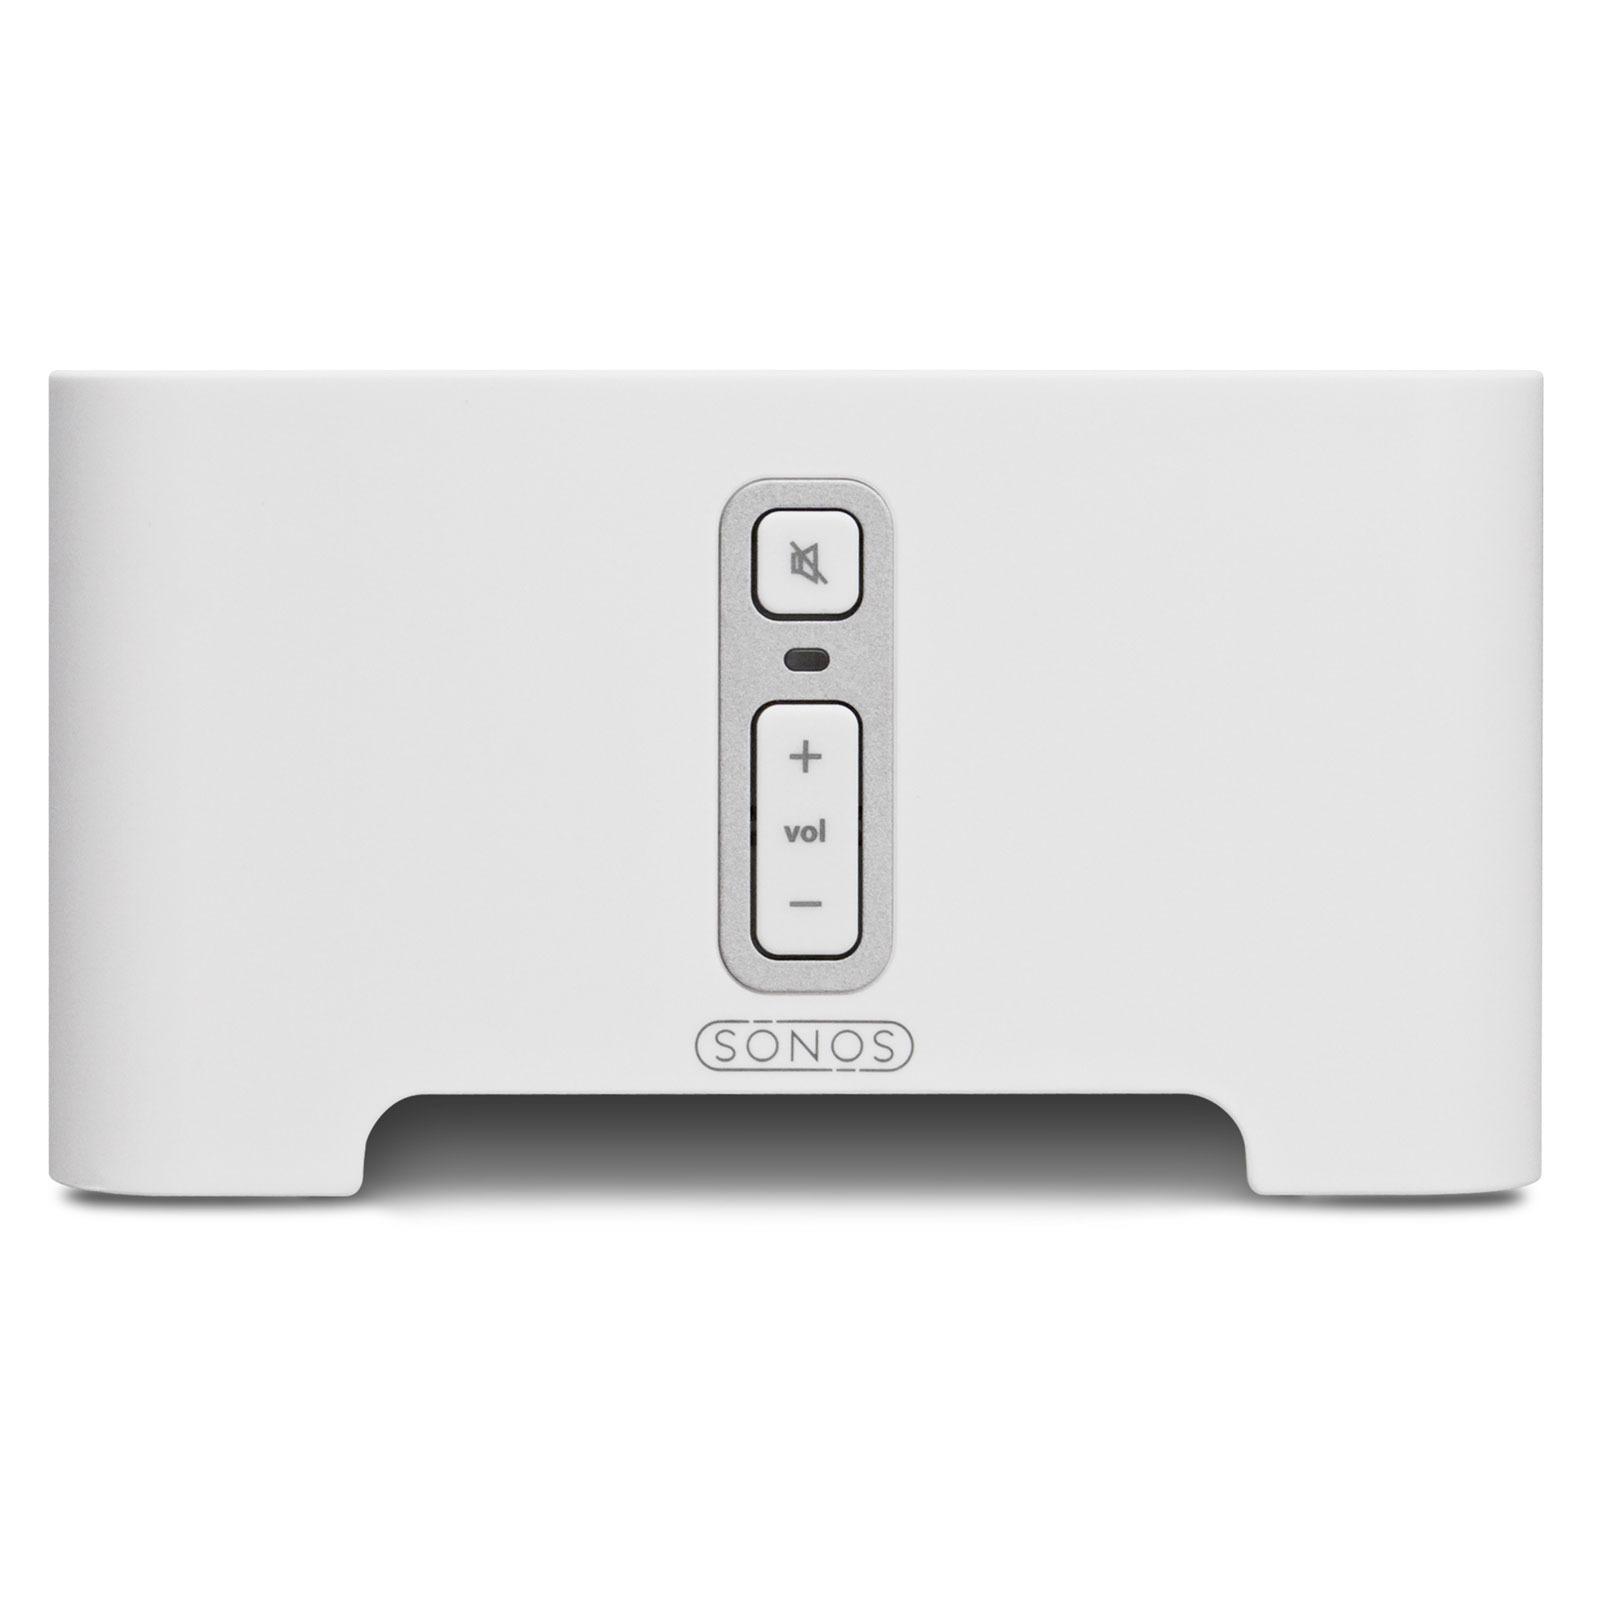 Serveur audio SONOS CONNECT Solution pour diffusion audio sans-fil